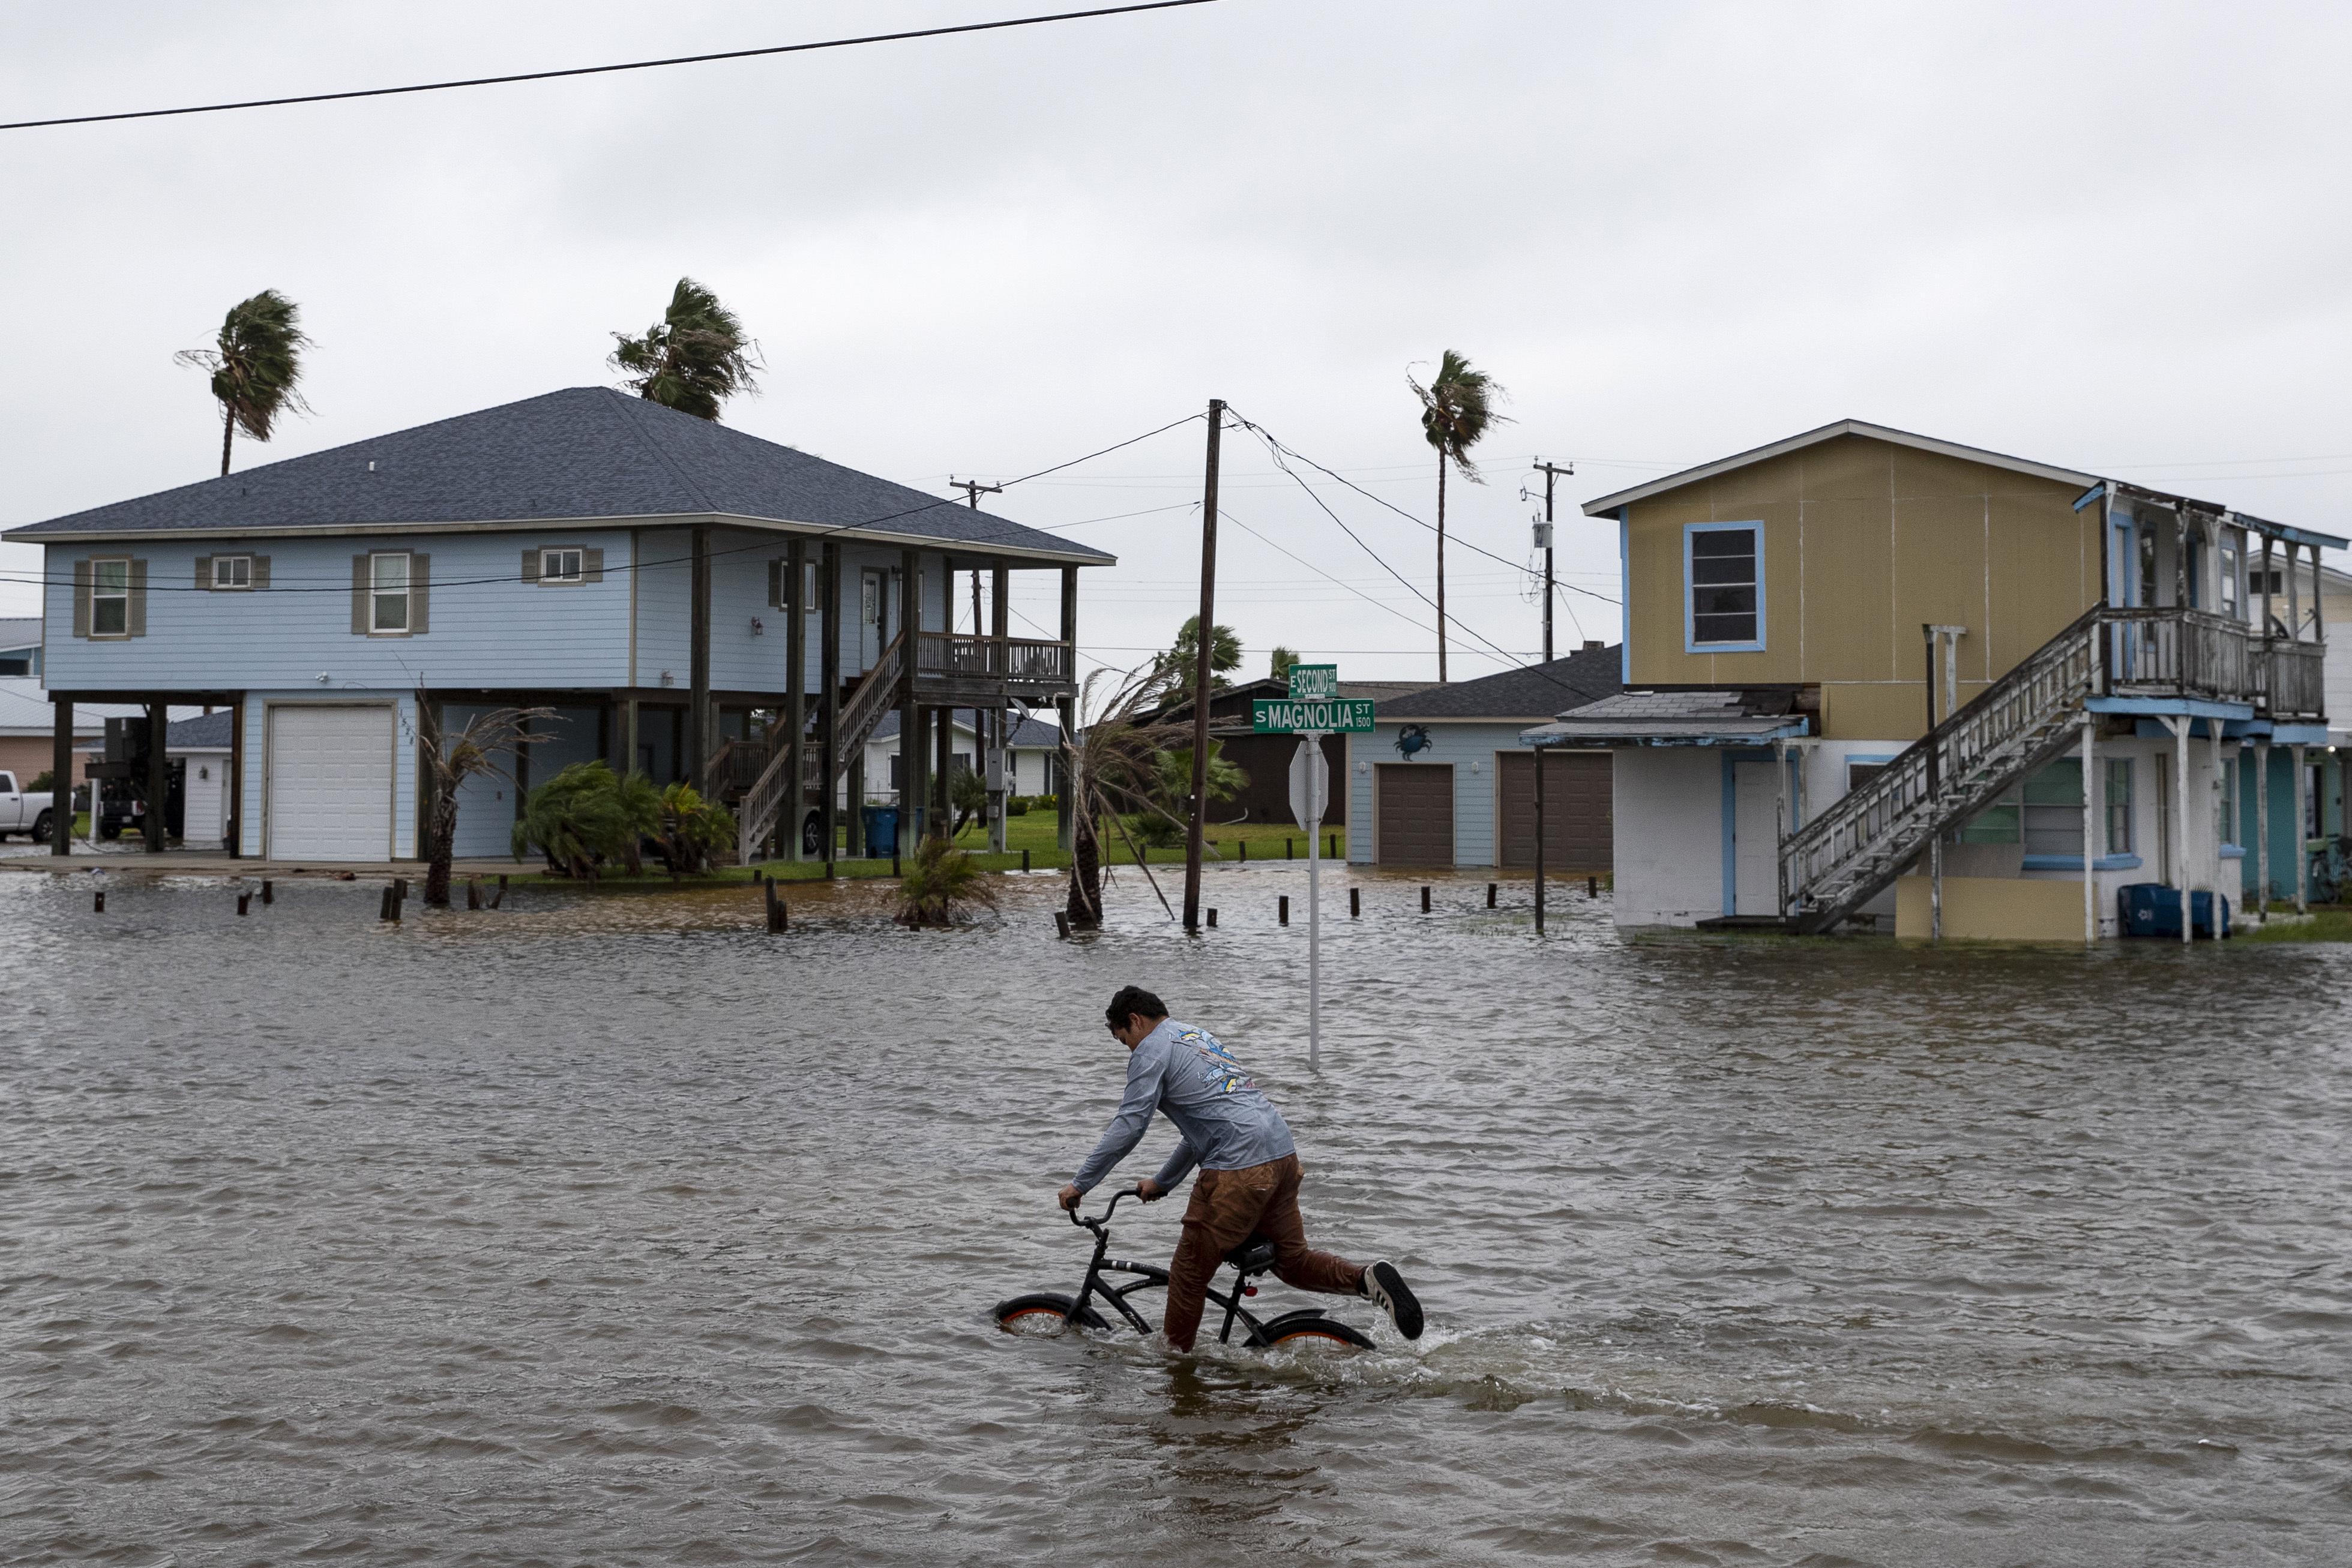 雖然熱帶風暴貝塔臨近,一個男孩21日仍在德州羅克波特淹水的街上騎自行車。    美聯社